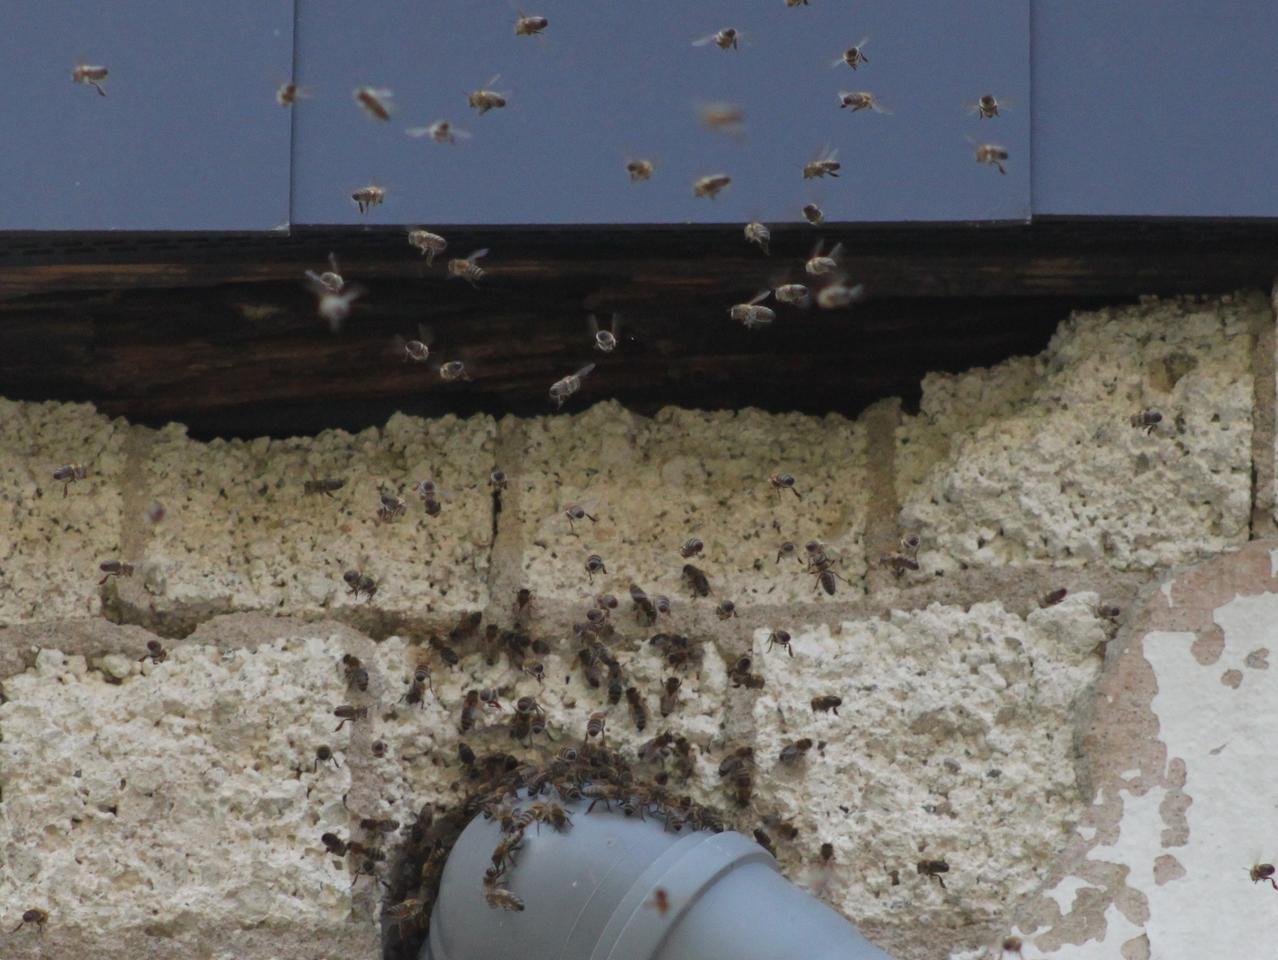 Sehr Ansprechpartner finden: Was tun, wenn Bienen und Co. einziehen VU37